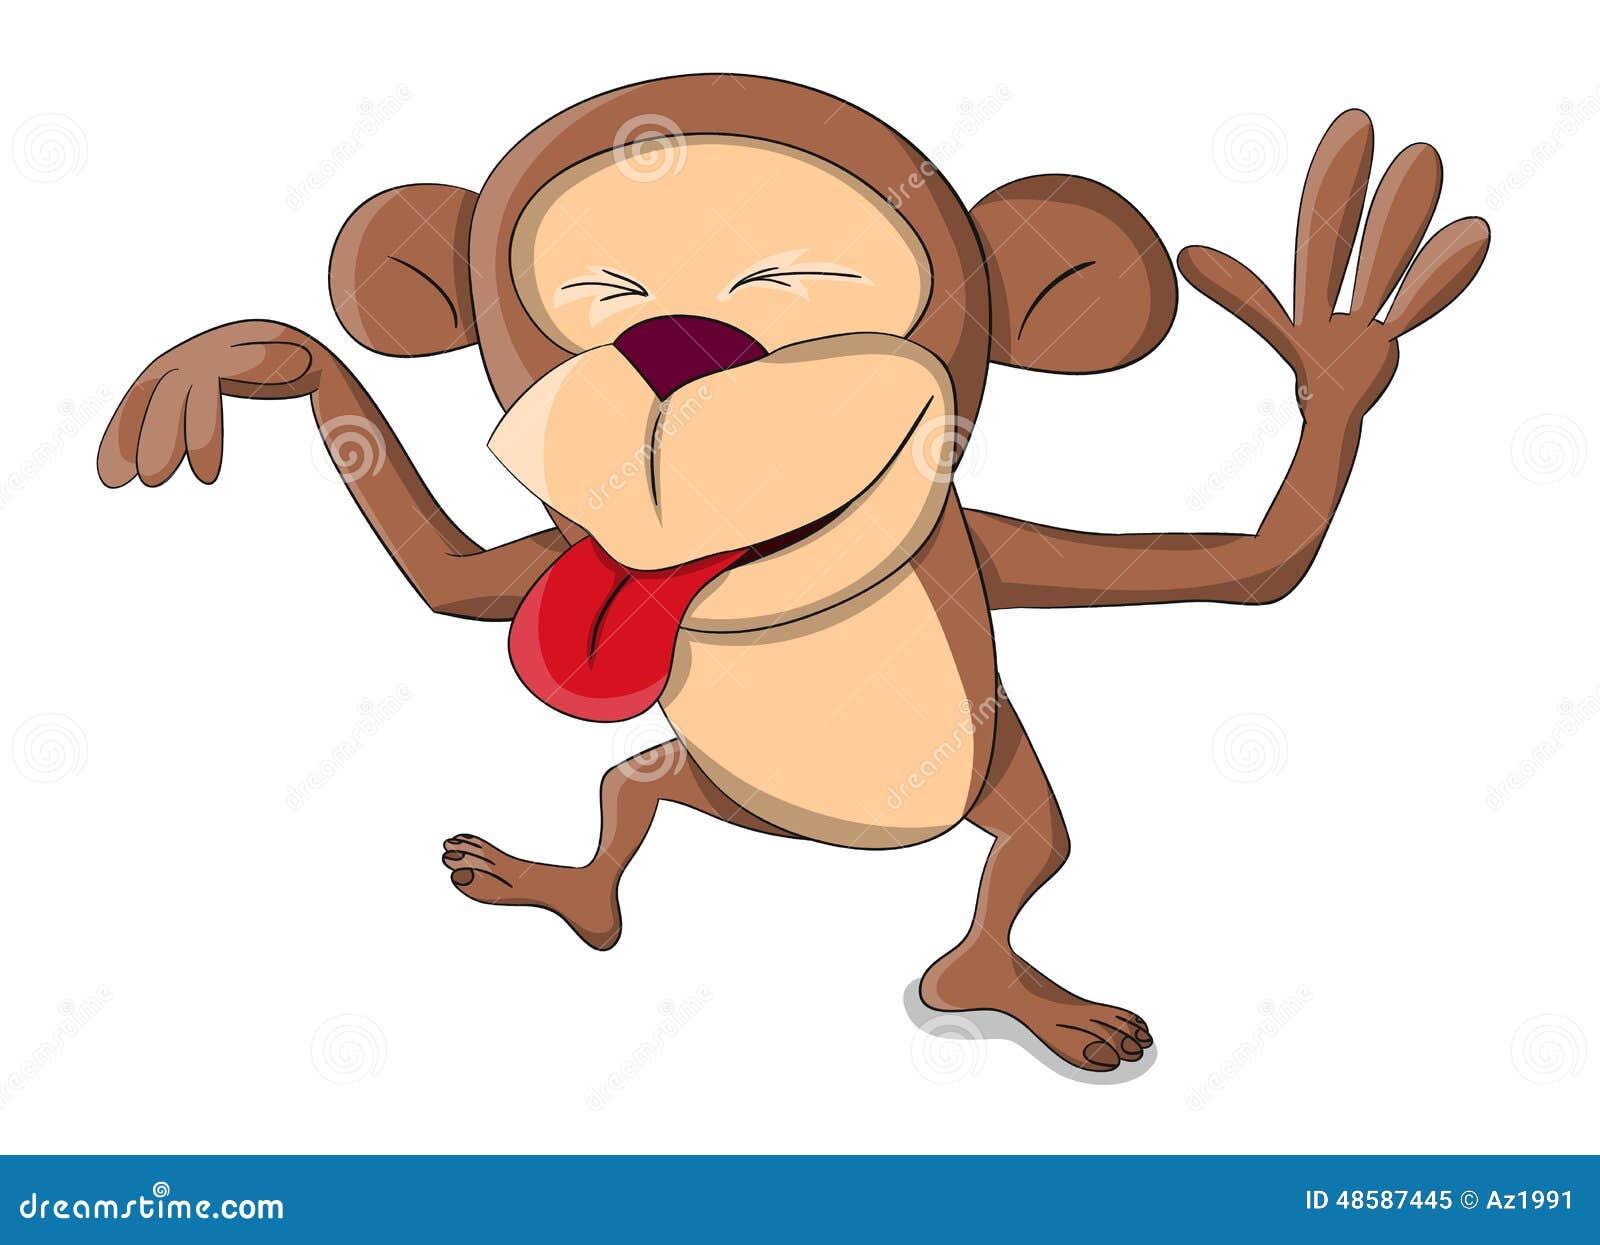 подобранный обезьяна и крыса векторный ассоциируется любой нас